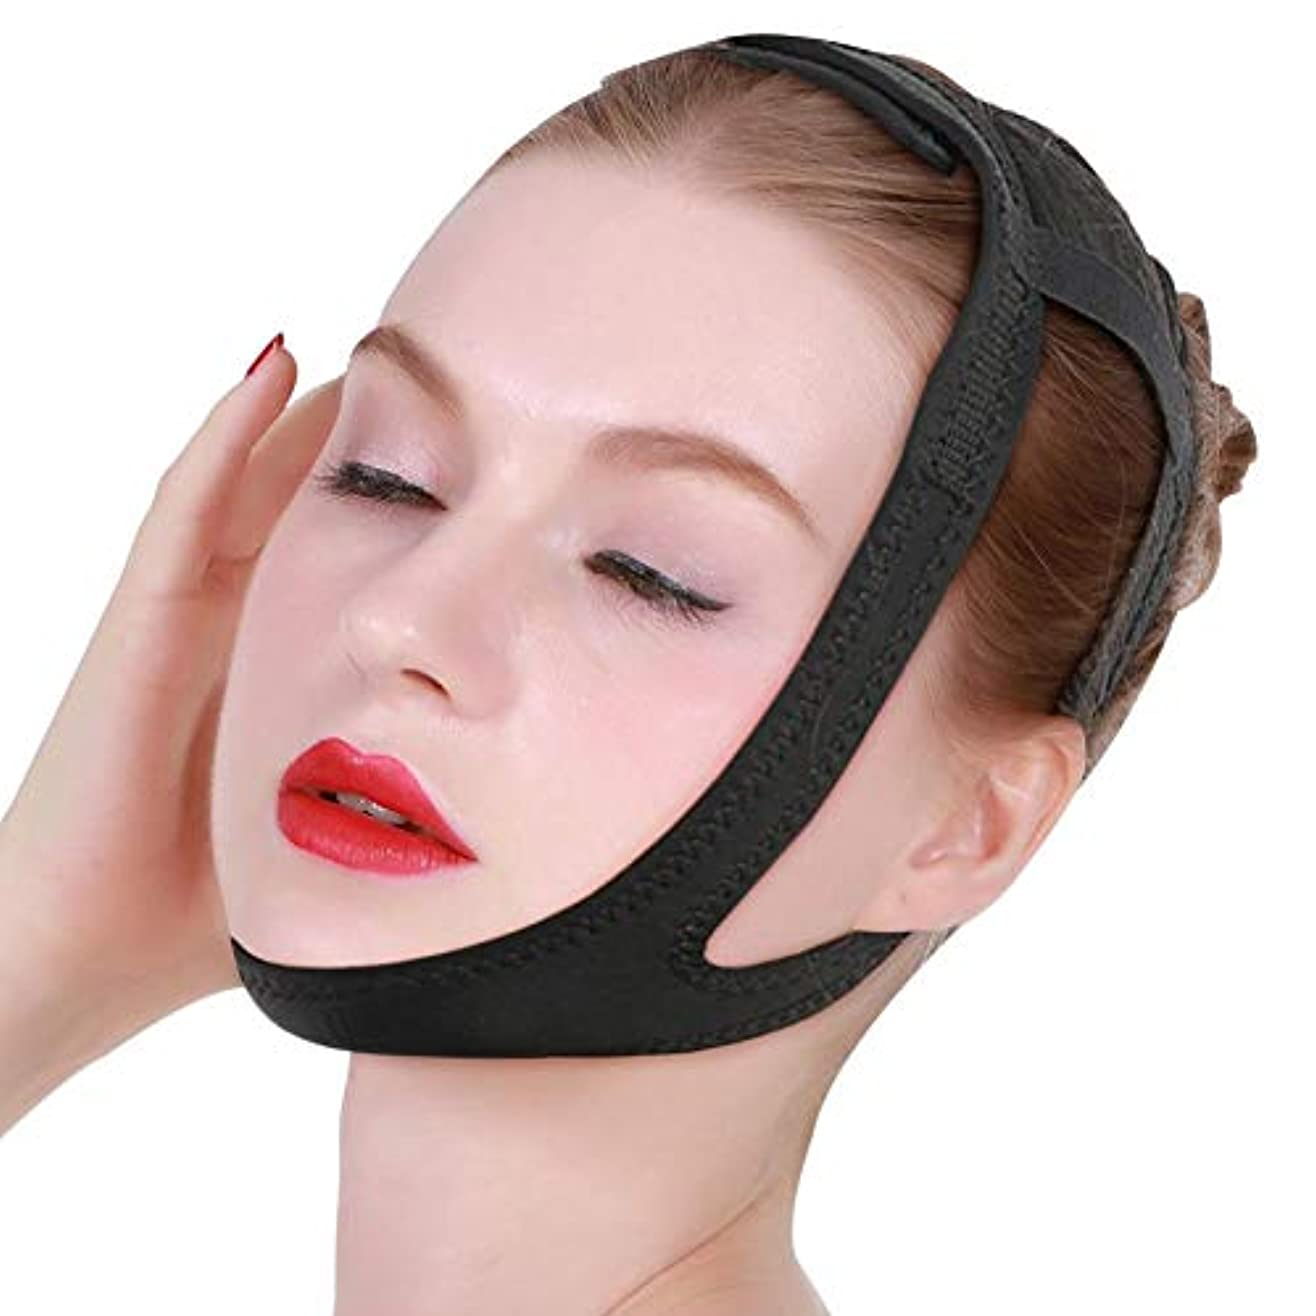 マッシュフェリー扱いやすいフェイススリミングベルト Vライン フェイススリップベルト 通気性 フェイスマスク